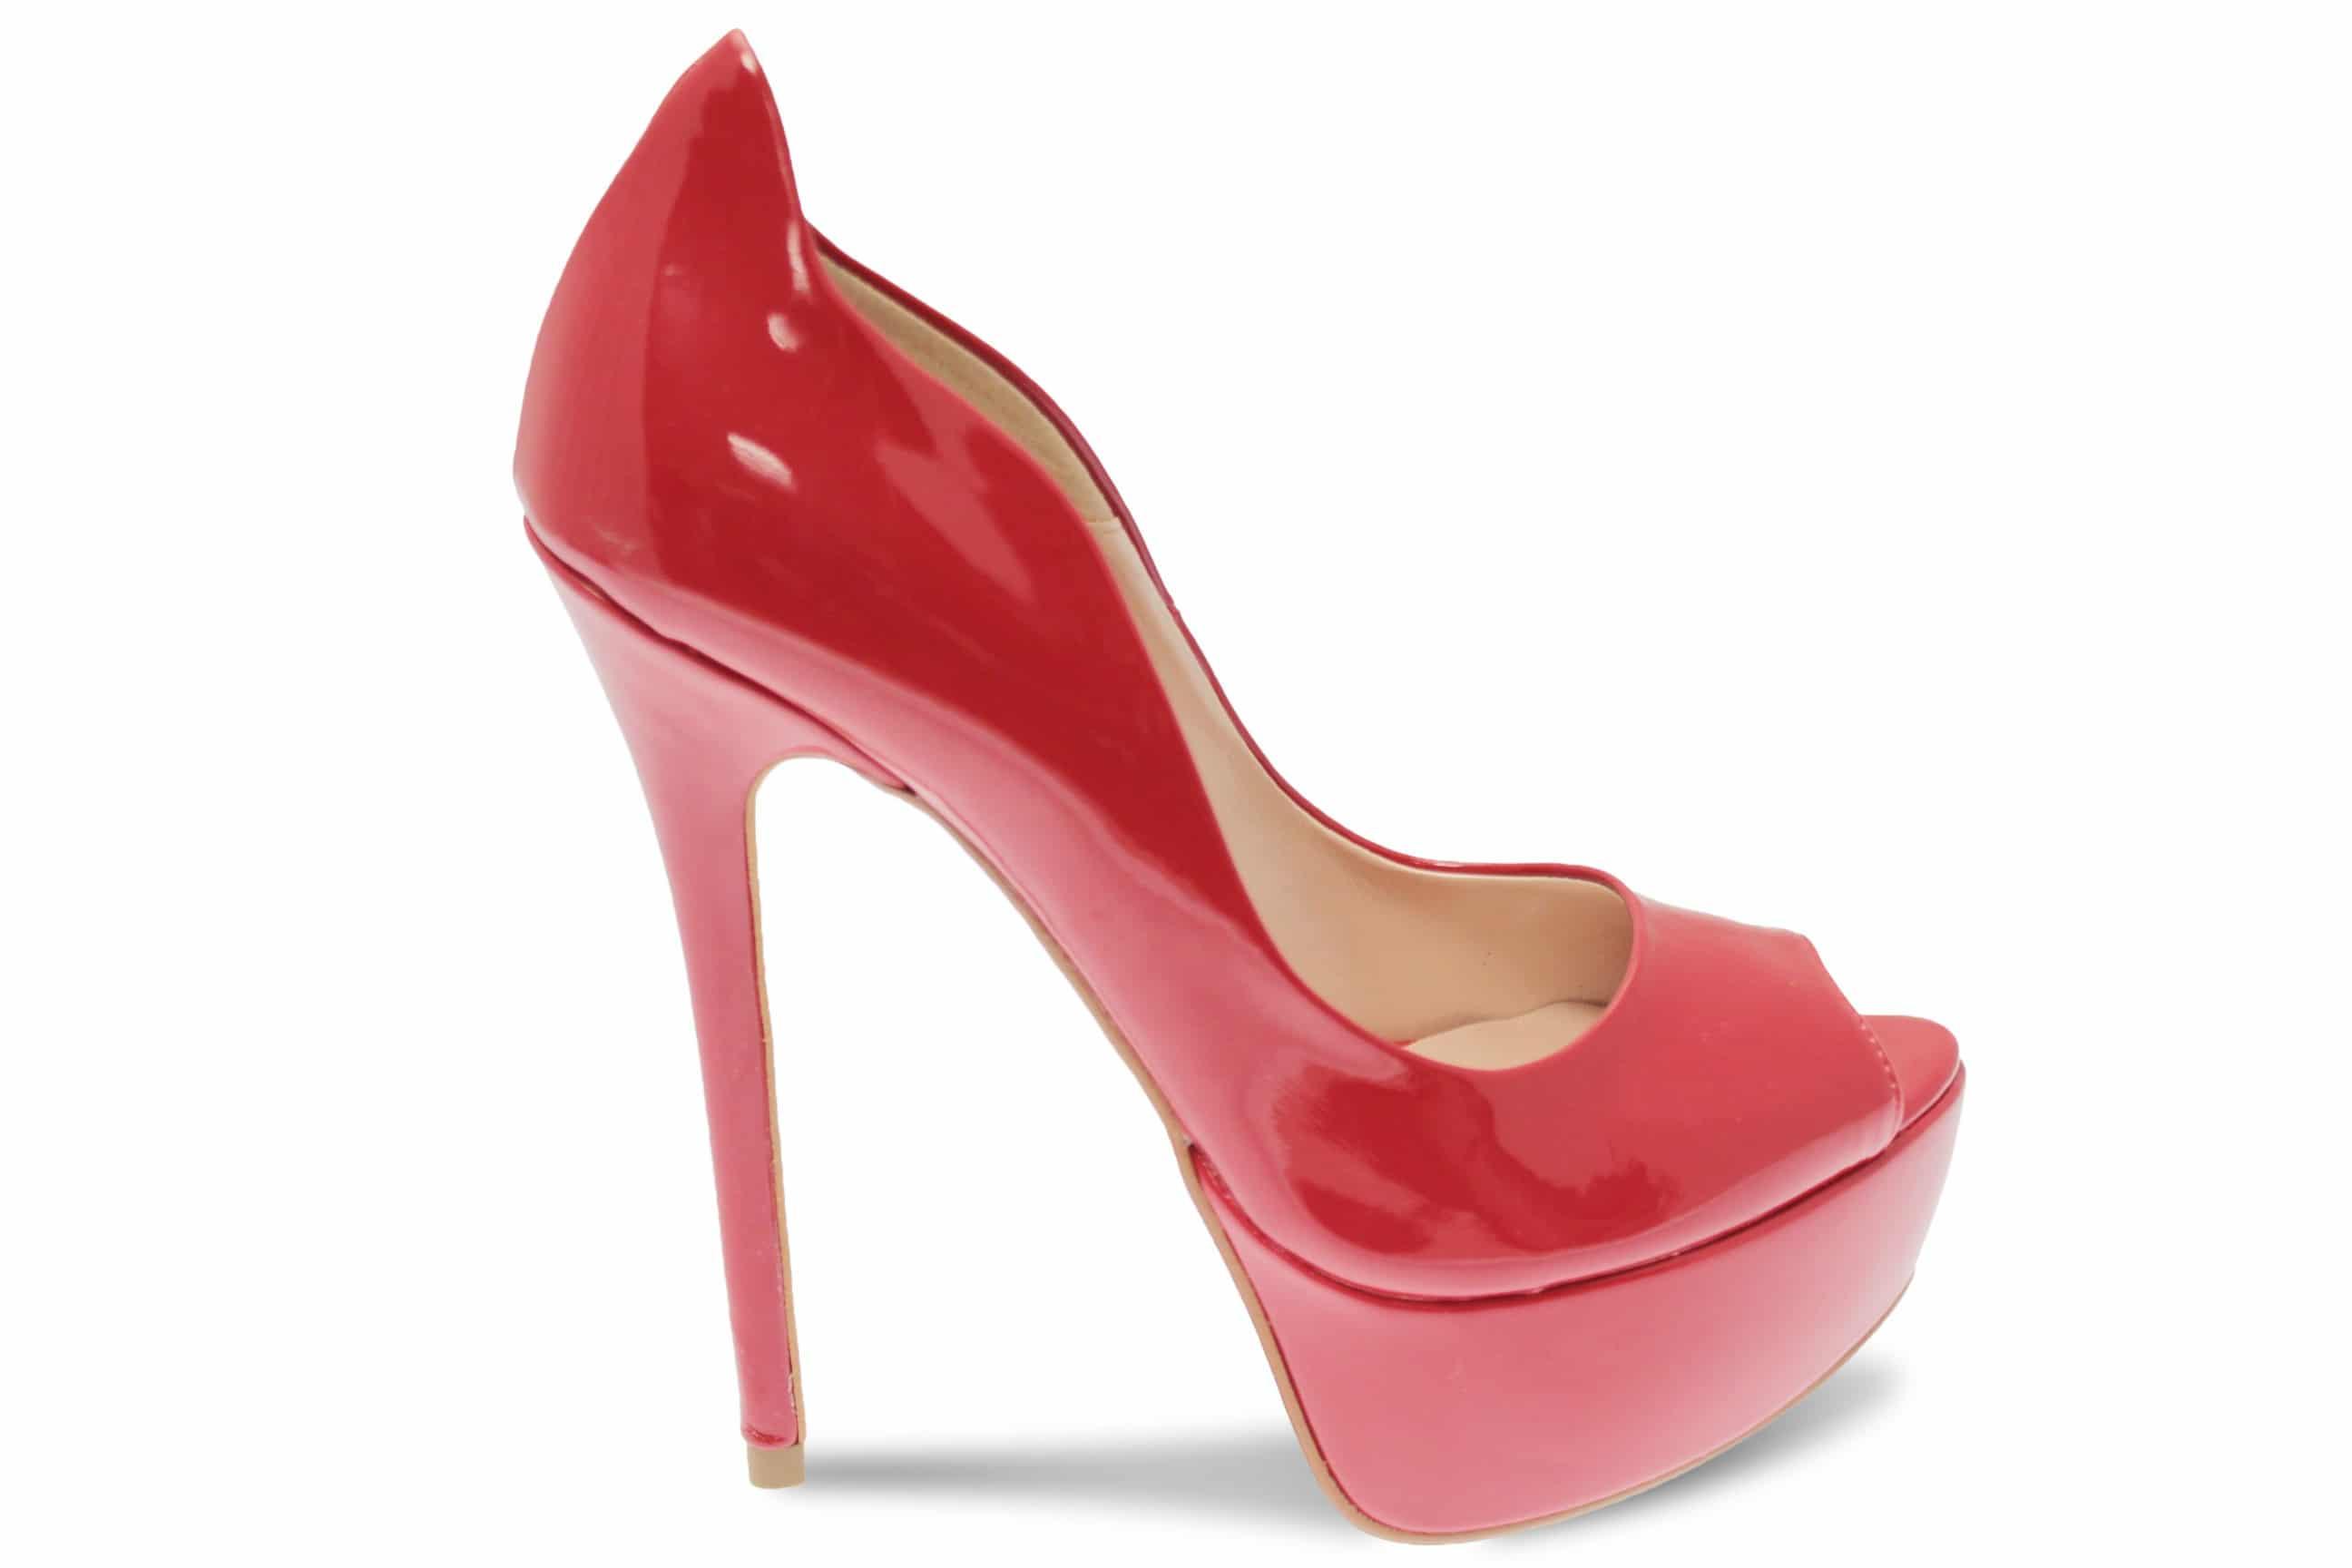 f27b1e6b1ba811 Escarpins rouges : comment les porter ?